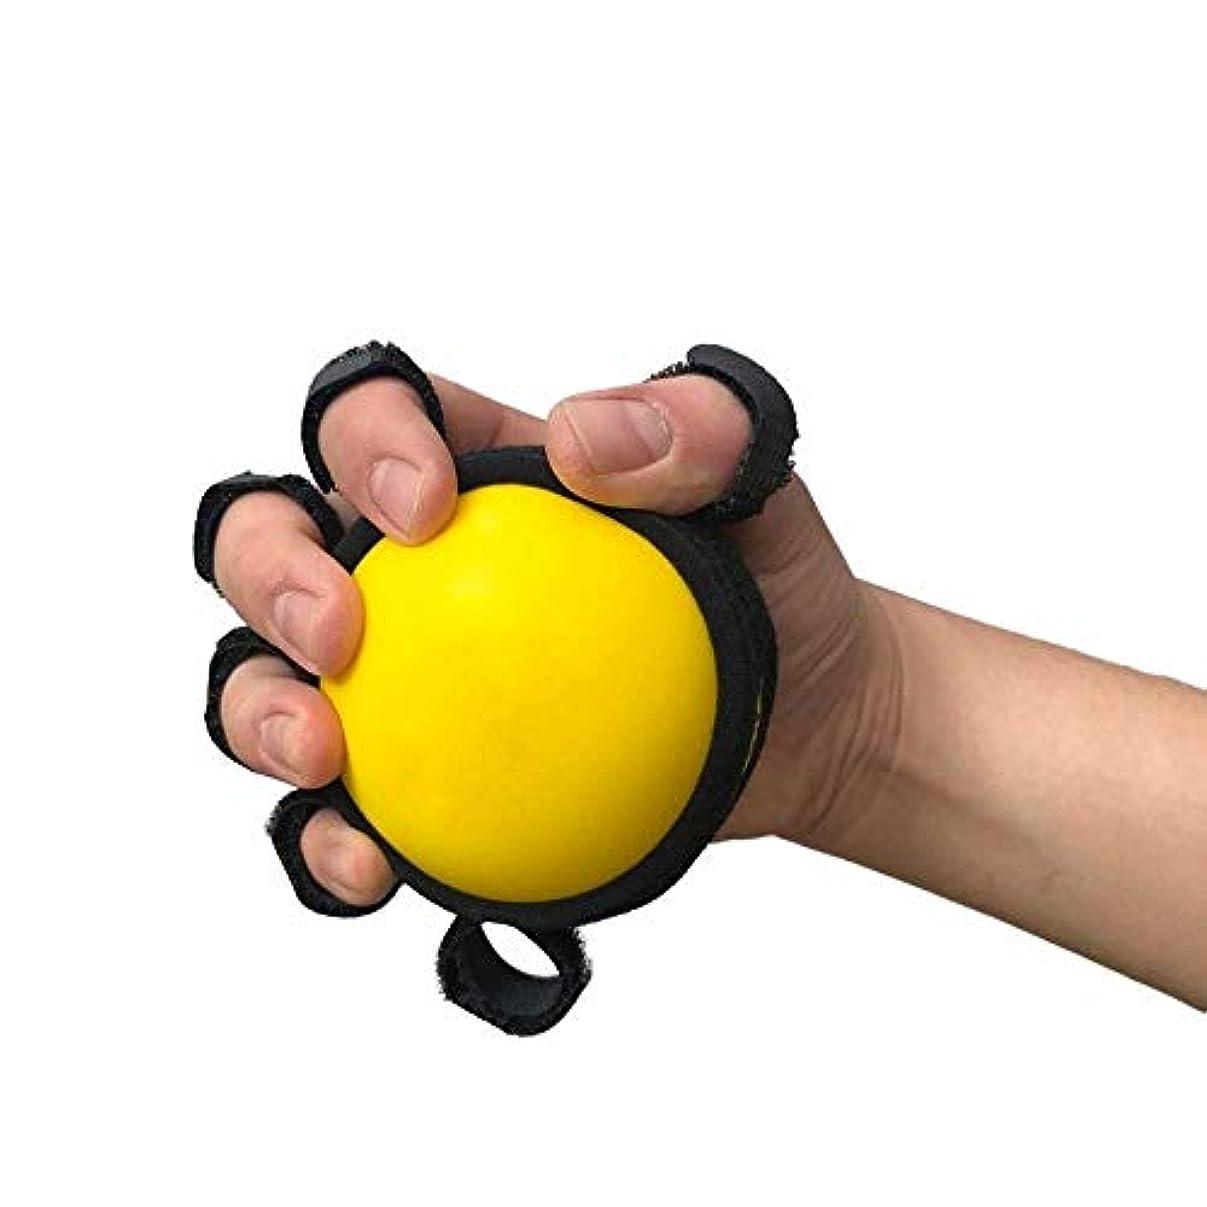 寄生虫作り上げるさておきハンドセラピー運動ボール、脳卒中、片麻痺を軽減するための5本指分離ボールリハビリテーショントレーニング